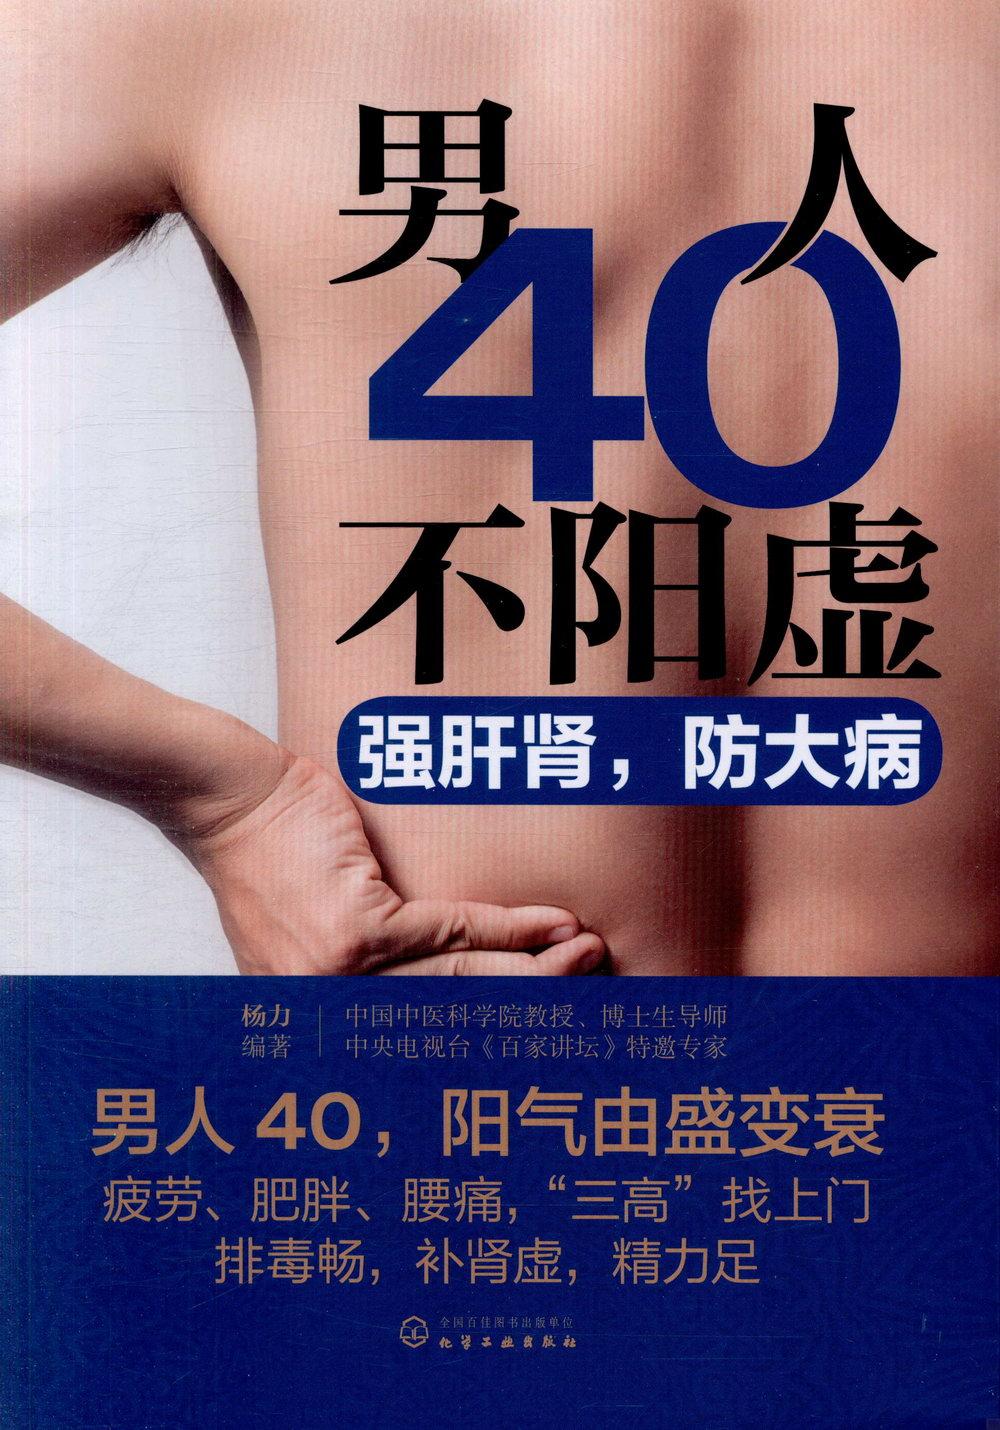 男人40不陽虛:強肝腎,防大病